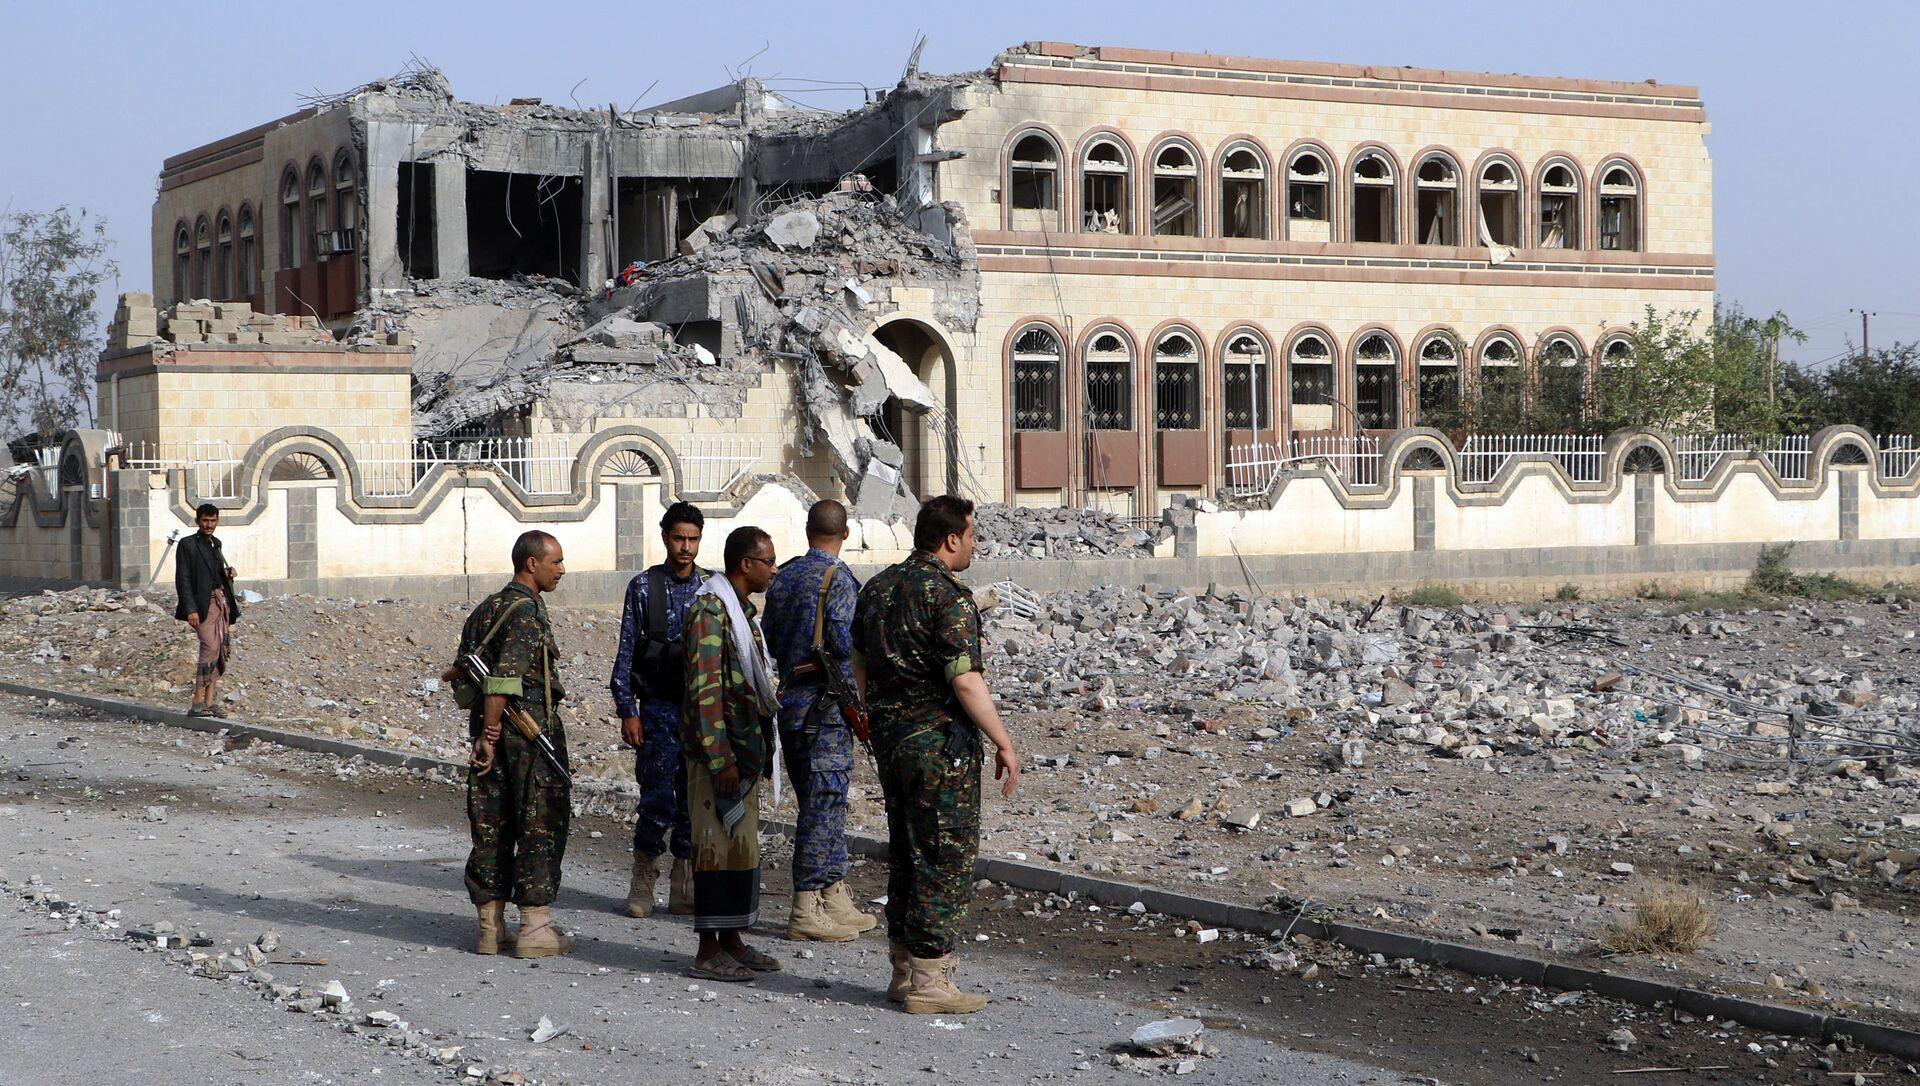 Toà nhà công sở ở thành phố Sa'ada, Yemen bị hư hại do cuộc không kích từ phía Saudi Arabia. - Sputnik Việt Nam, 1920, 23.03.2021